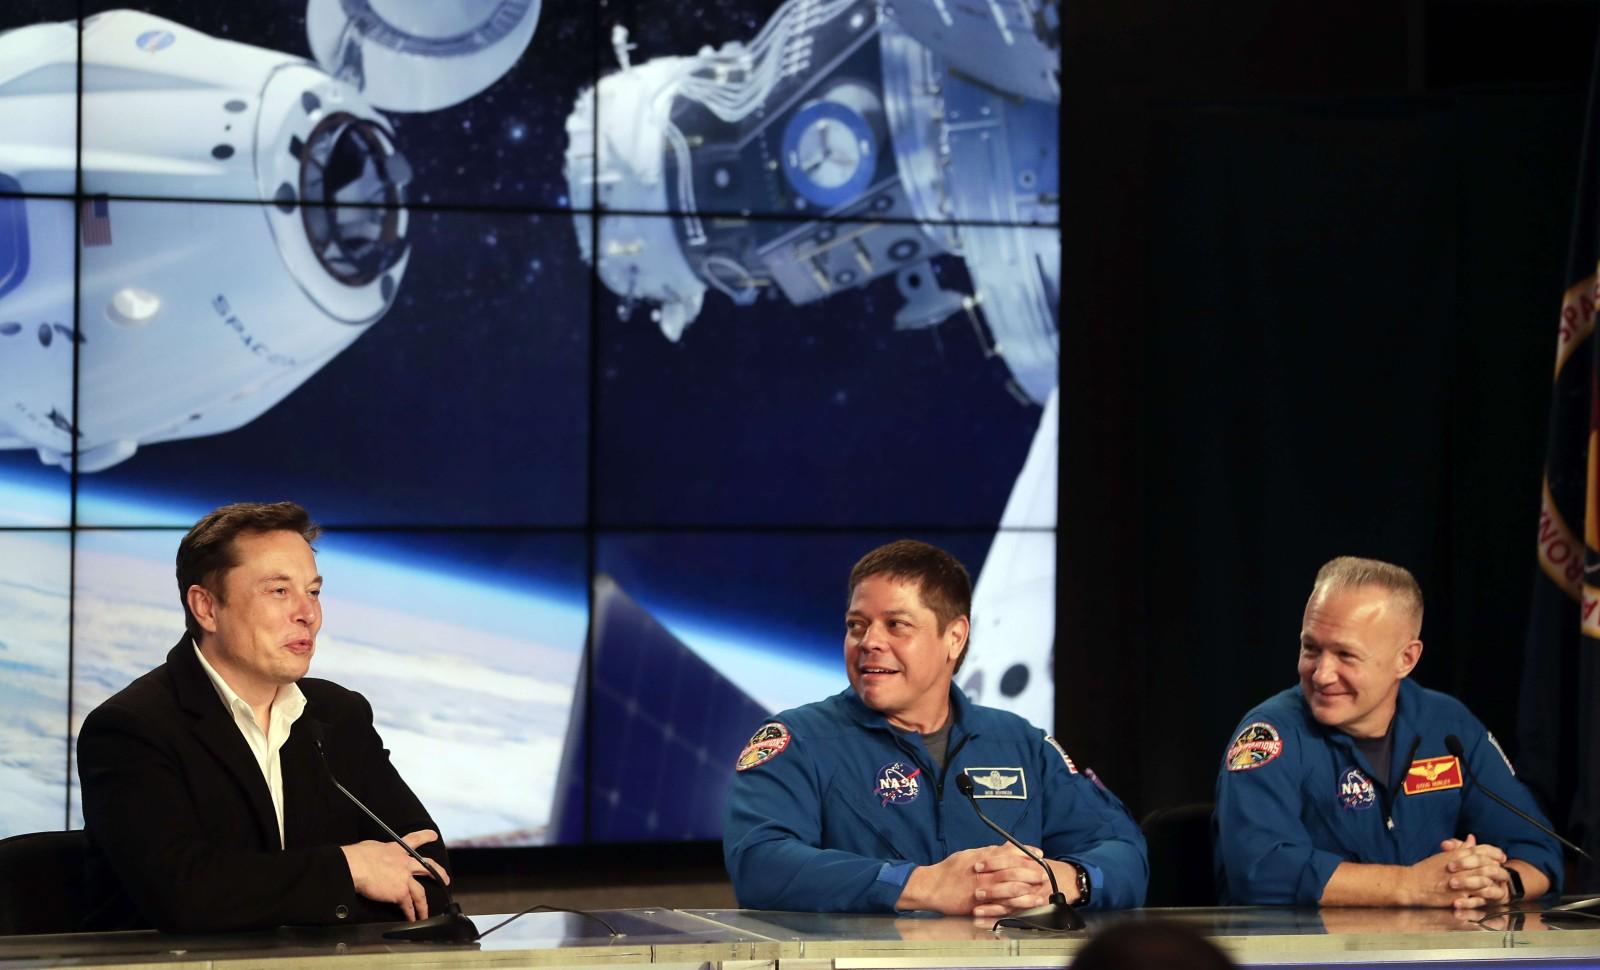 Elon Musk, et les deux astronautes partis Bob Behnken et Doug Hurley, le 2 mars 2019 © John Raoux/AP/SIPA AP22308474_000020